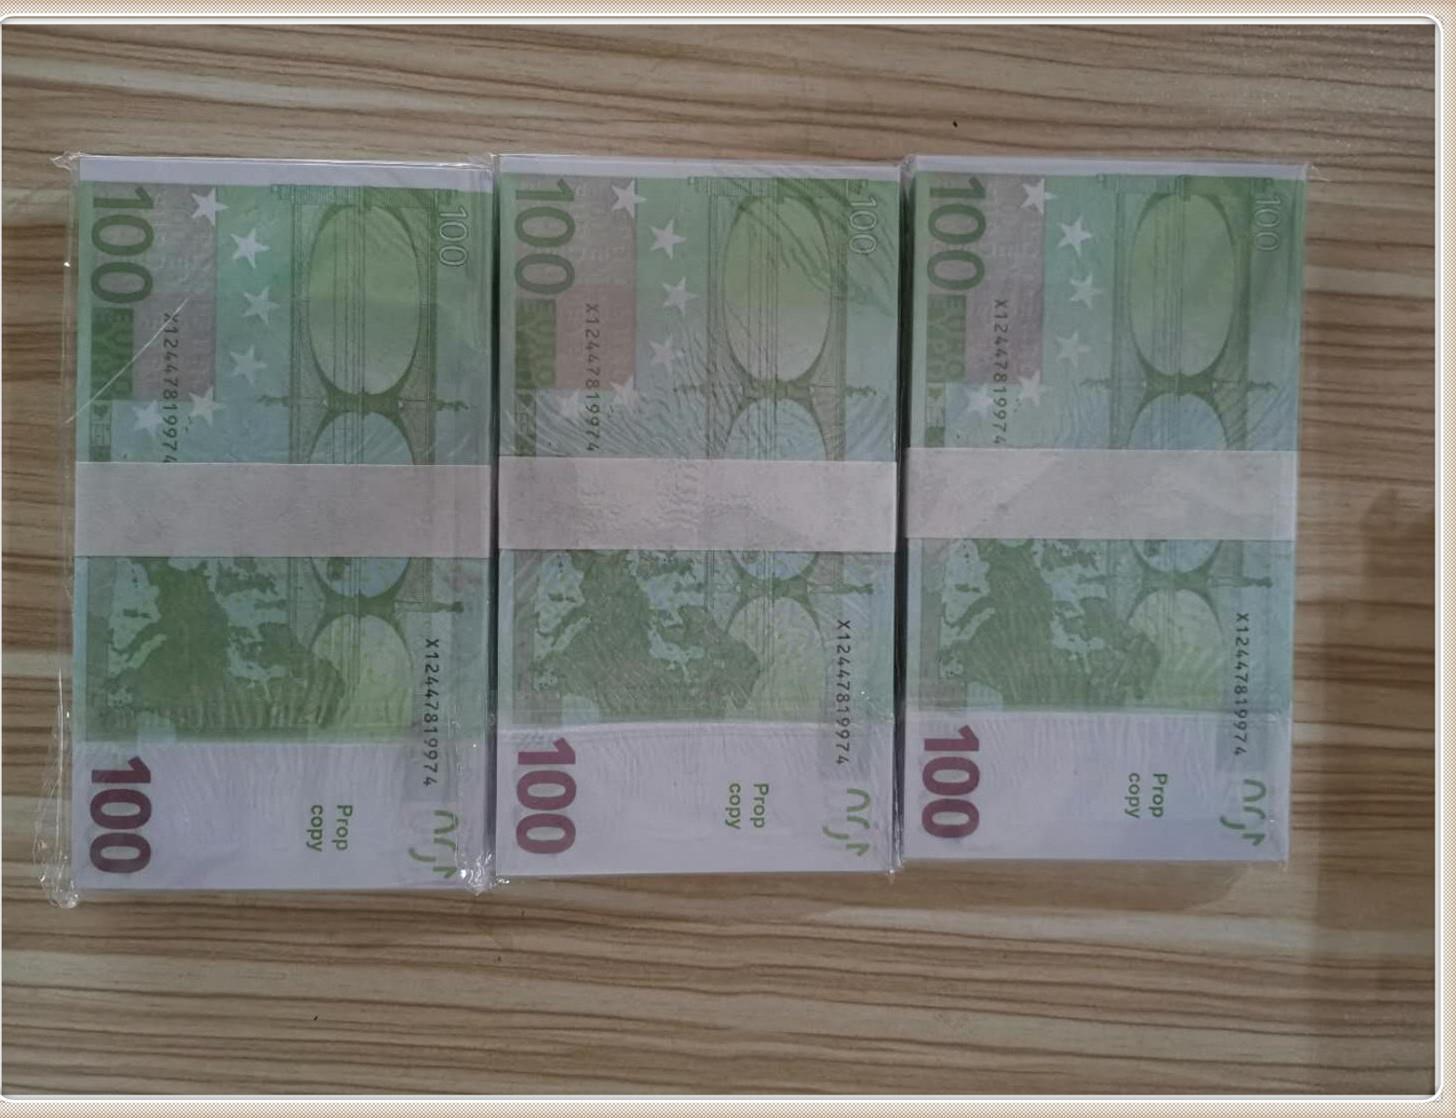 Новые PROP Money Euro 100 Complefect Евро Волшебные реквизиты Бумага Faux Заготовка Детский Подарок Игрушечный билет Le100-42